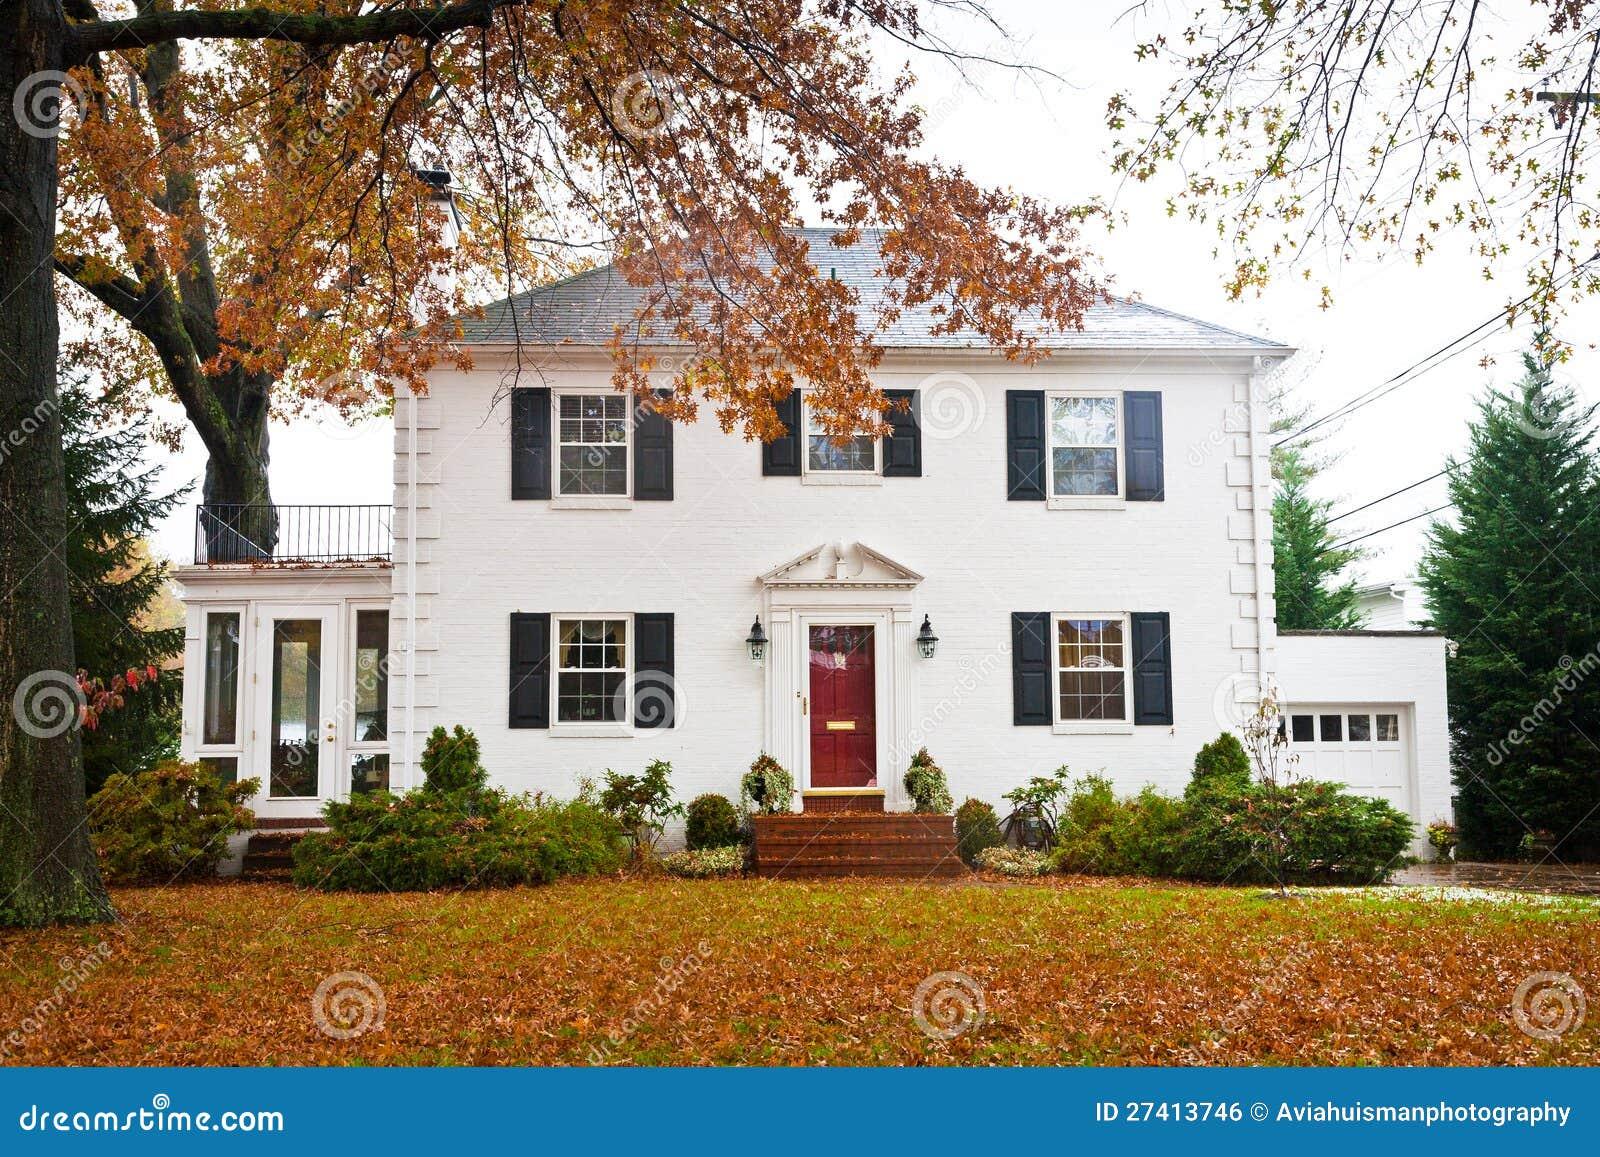 Maison blanche avec une trappe rouge image libre de droits for Maison en brique blanche